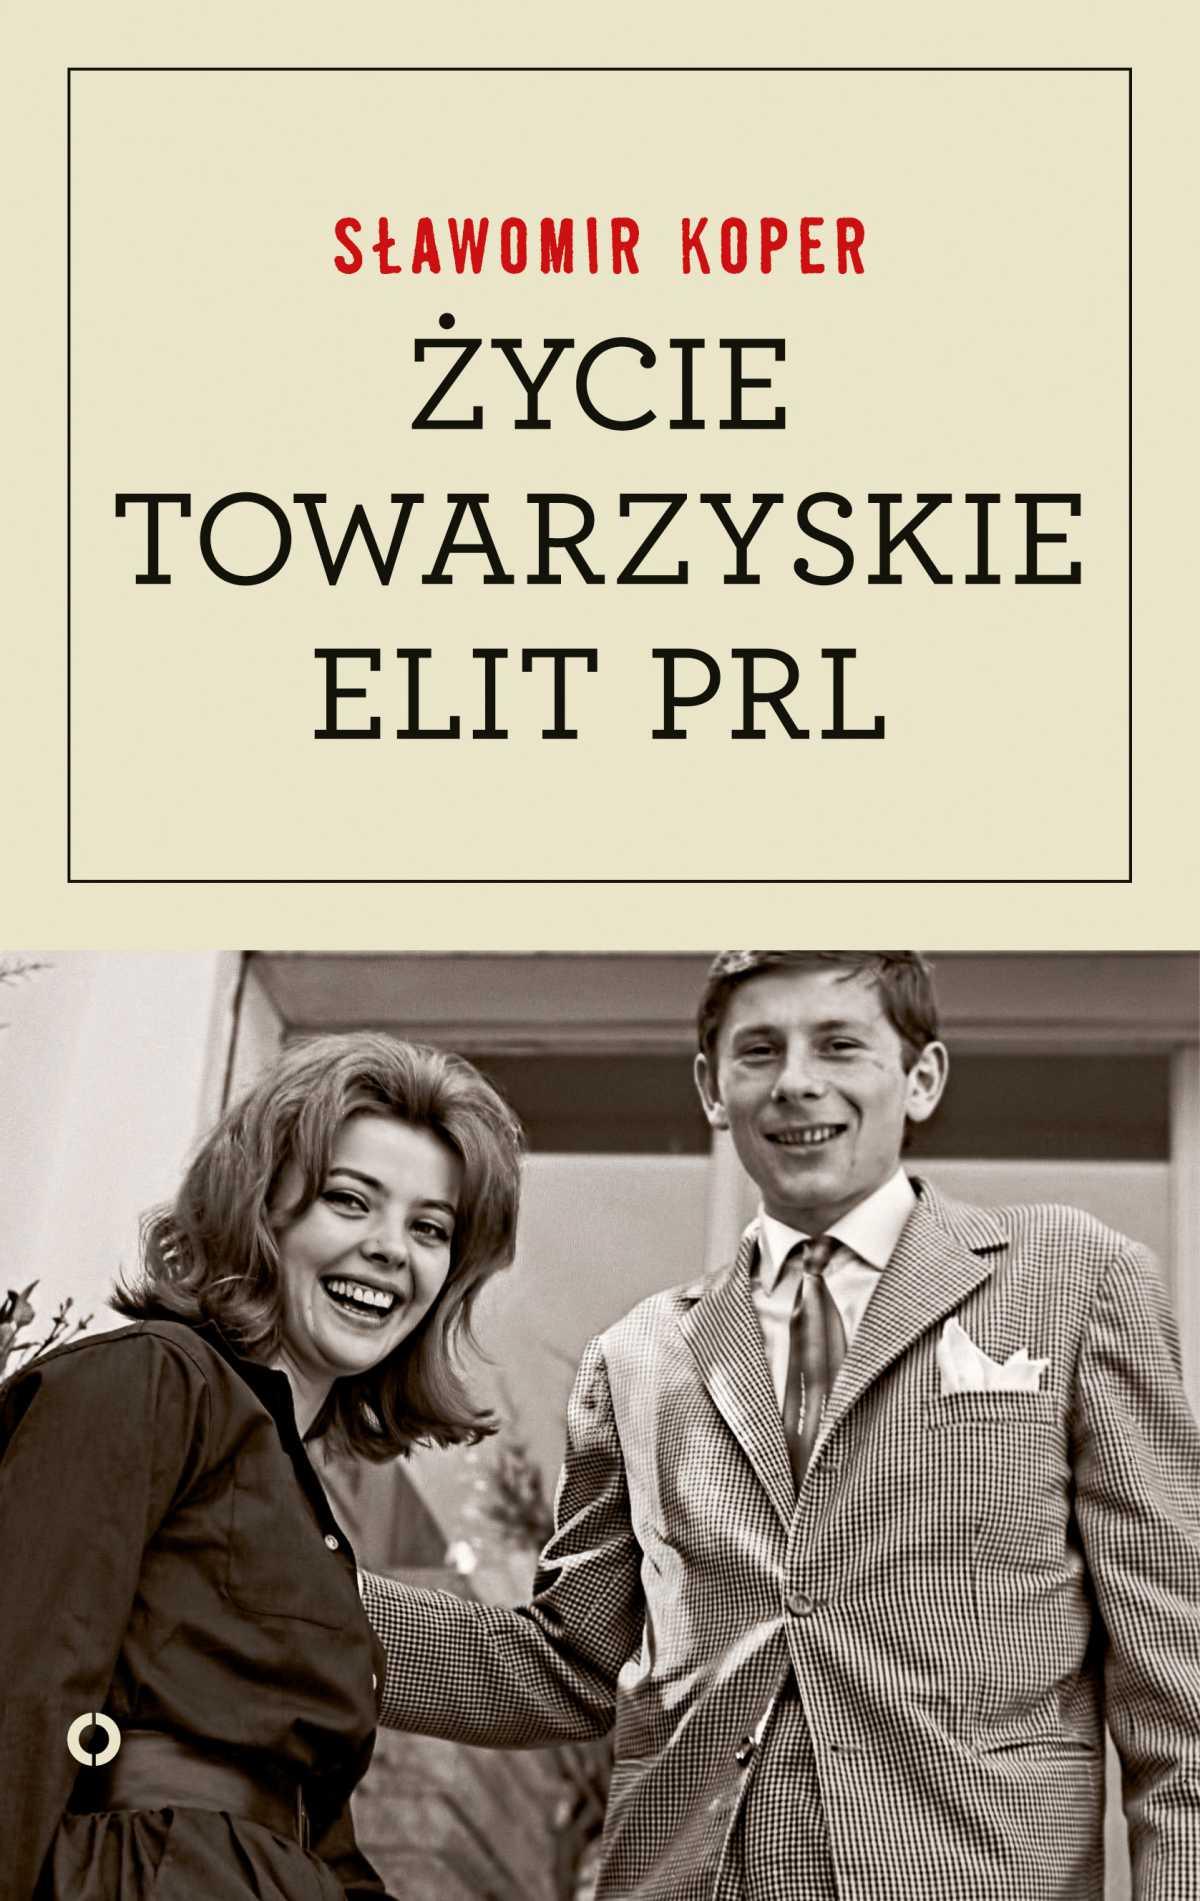 Życie towarzyskie elit PRL - Ebook (Książka na Kindle) do pobrania w formacie MOBI